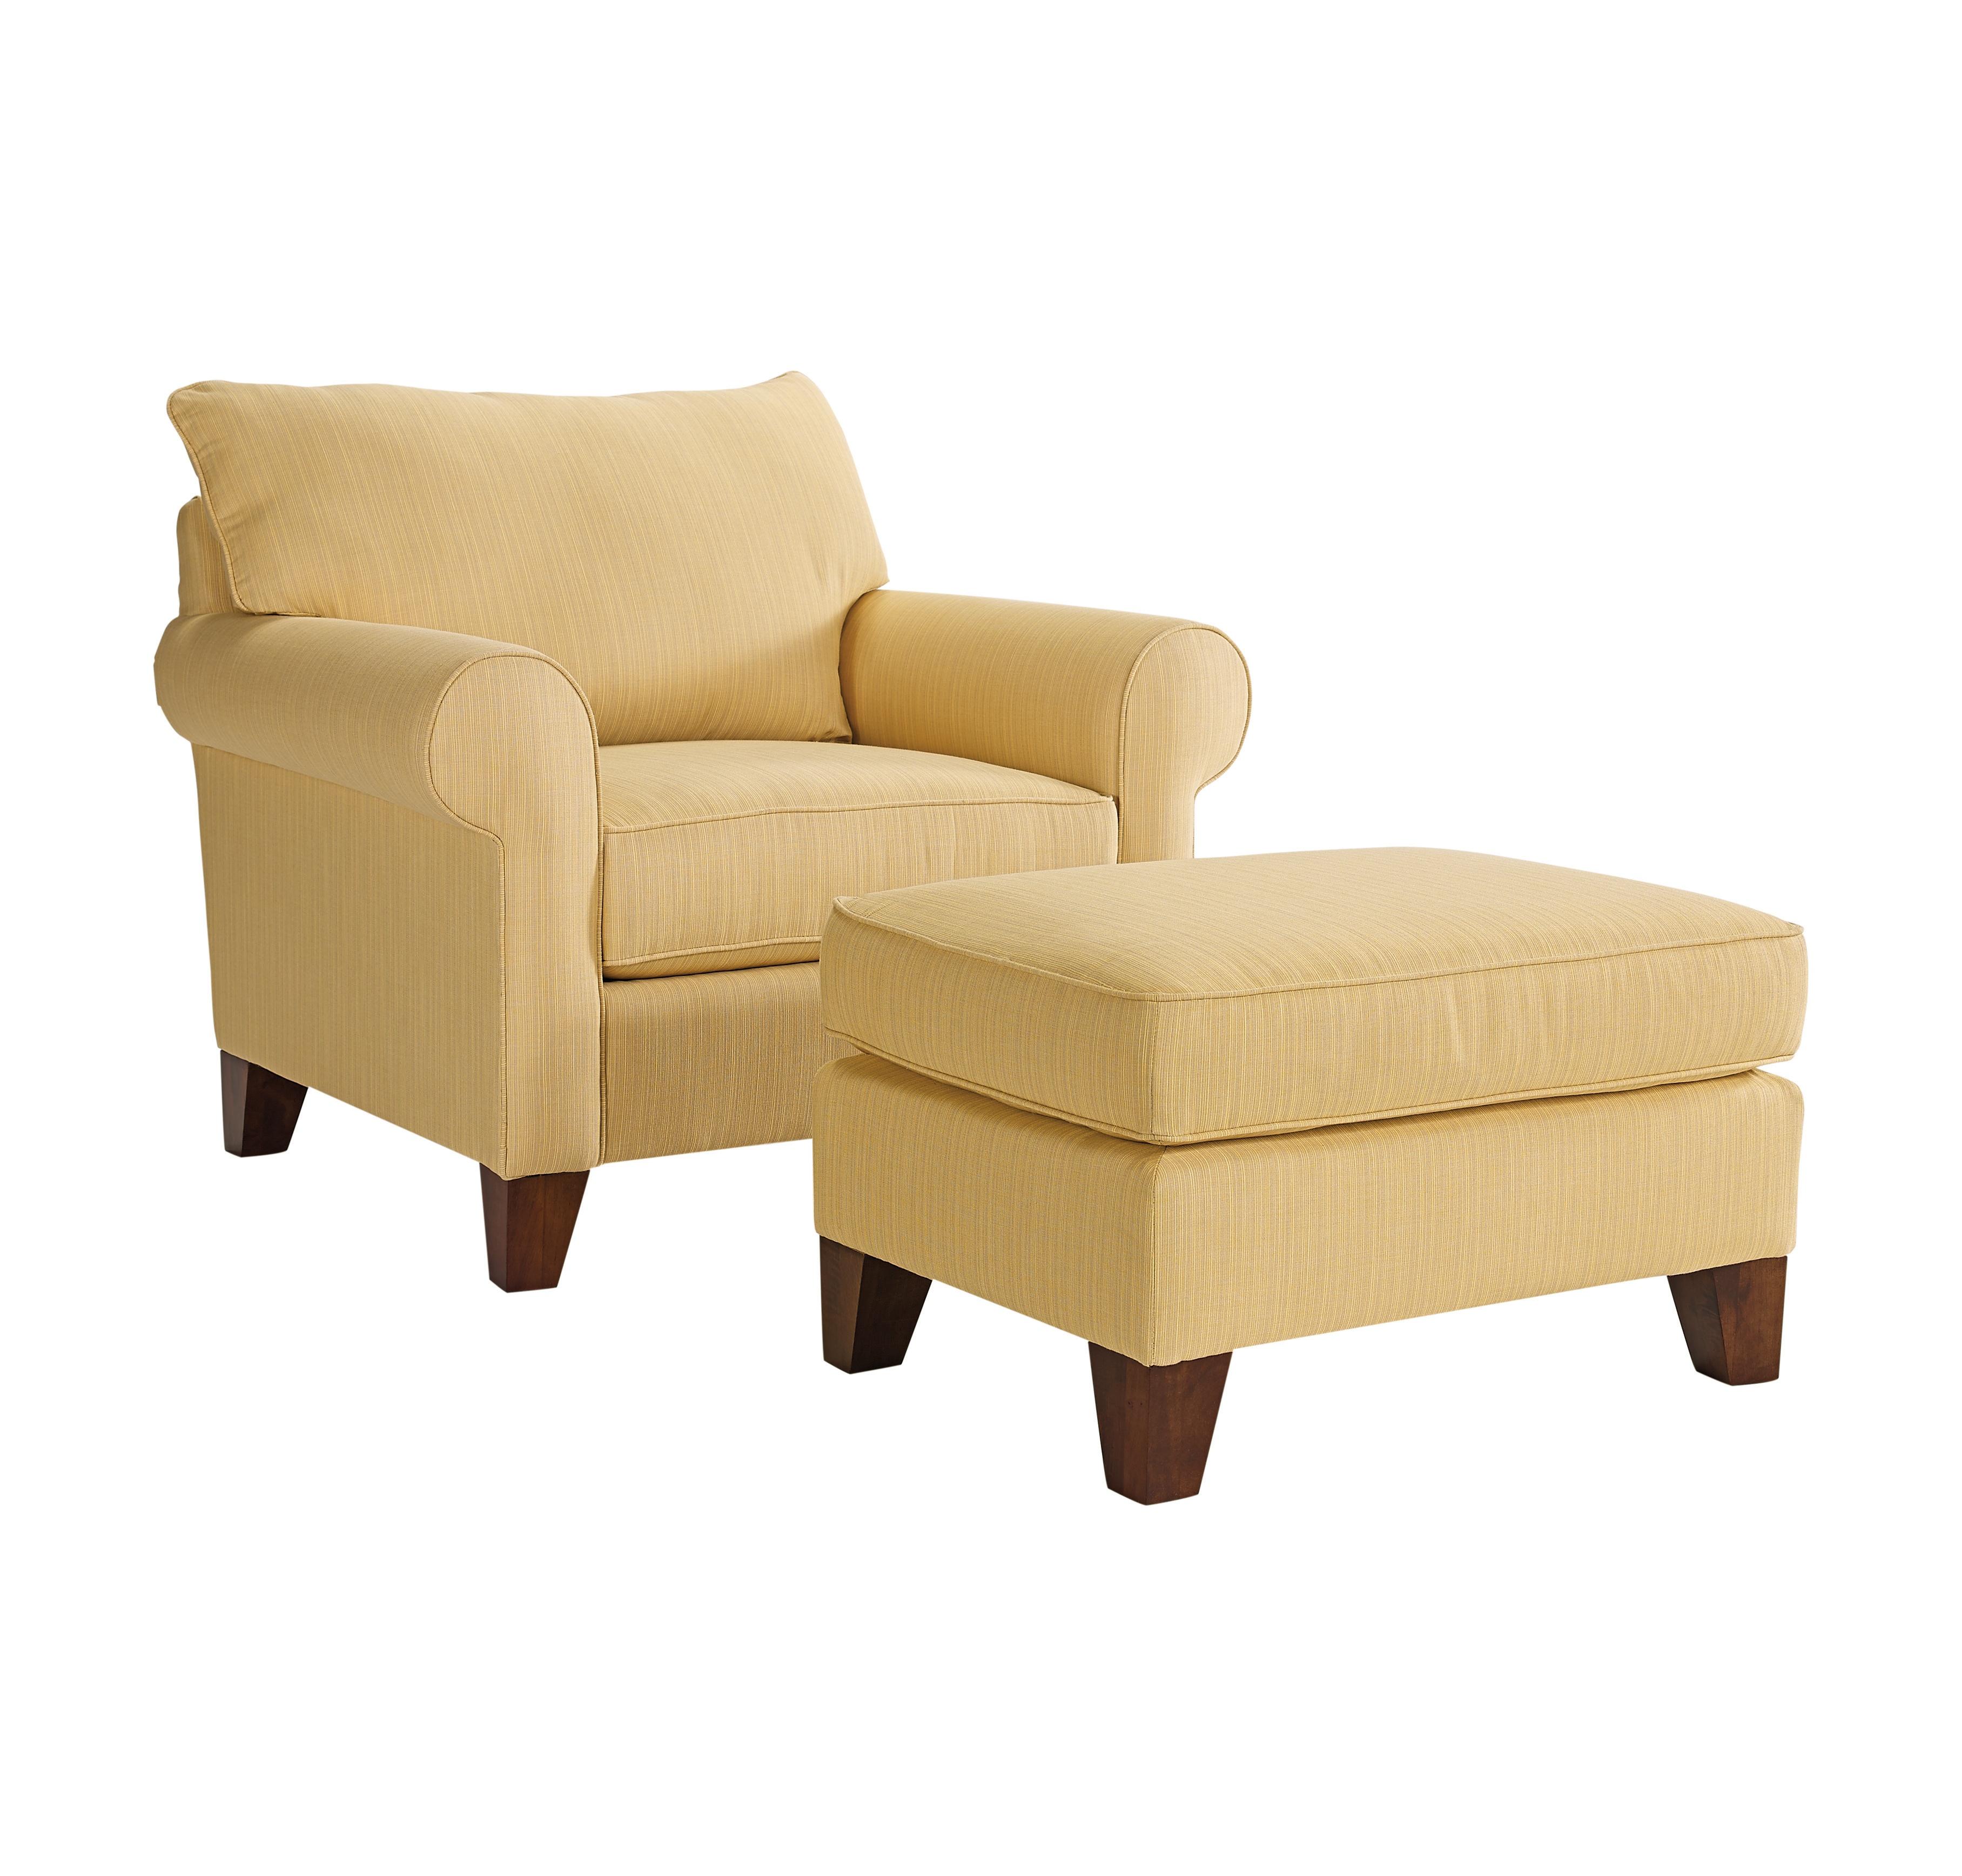 Noda 4230 Sofa Collection Customize 350